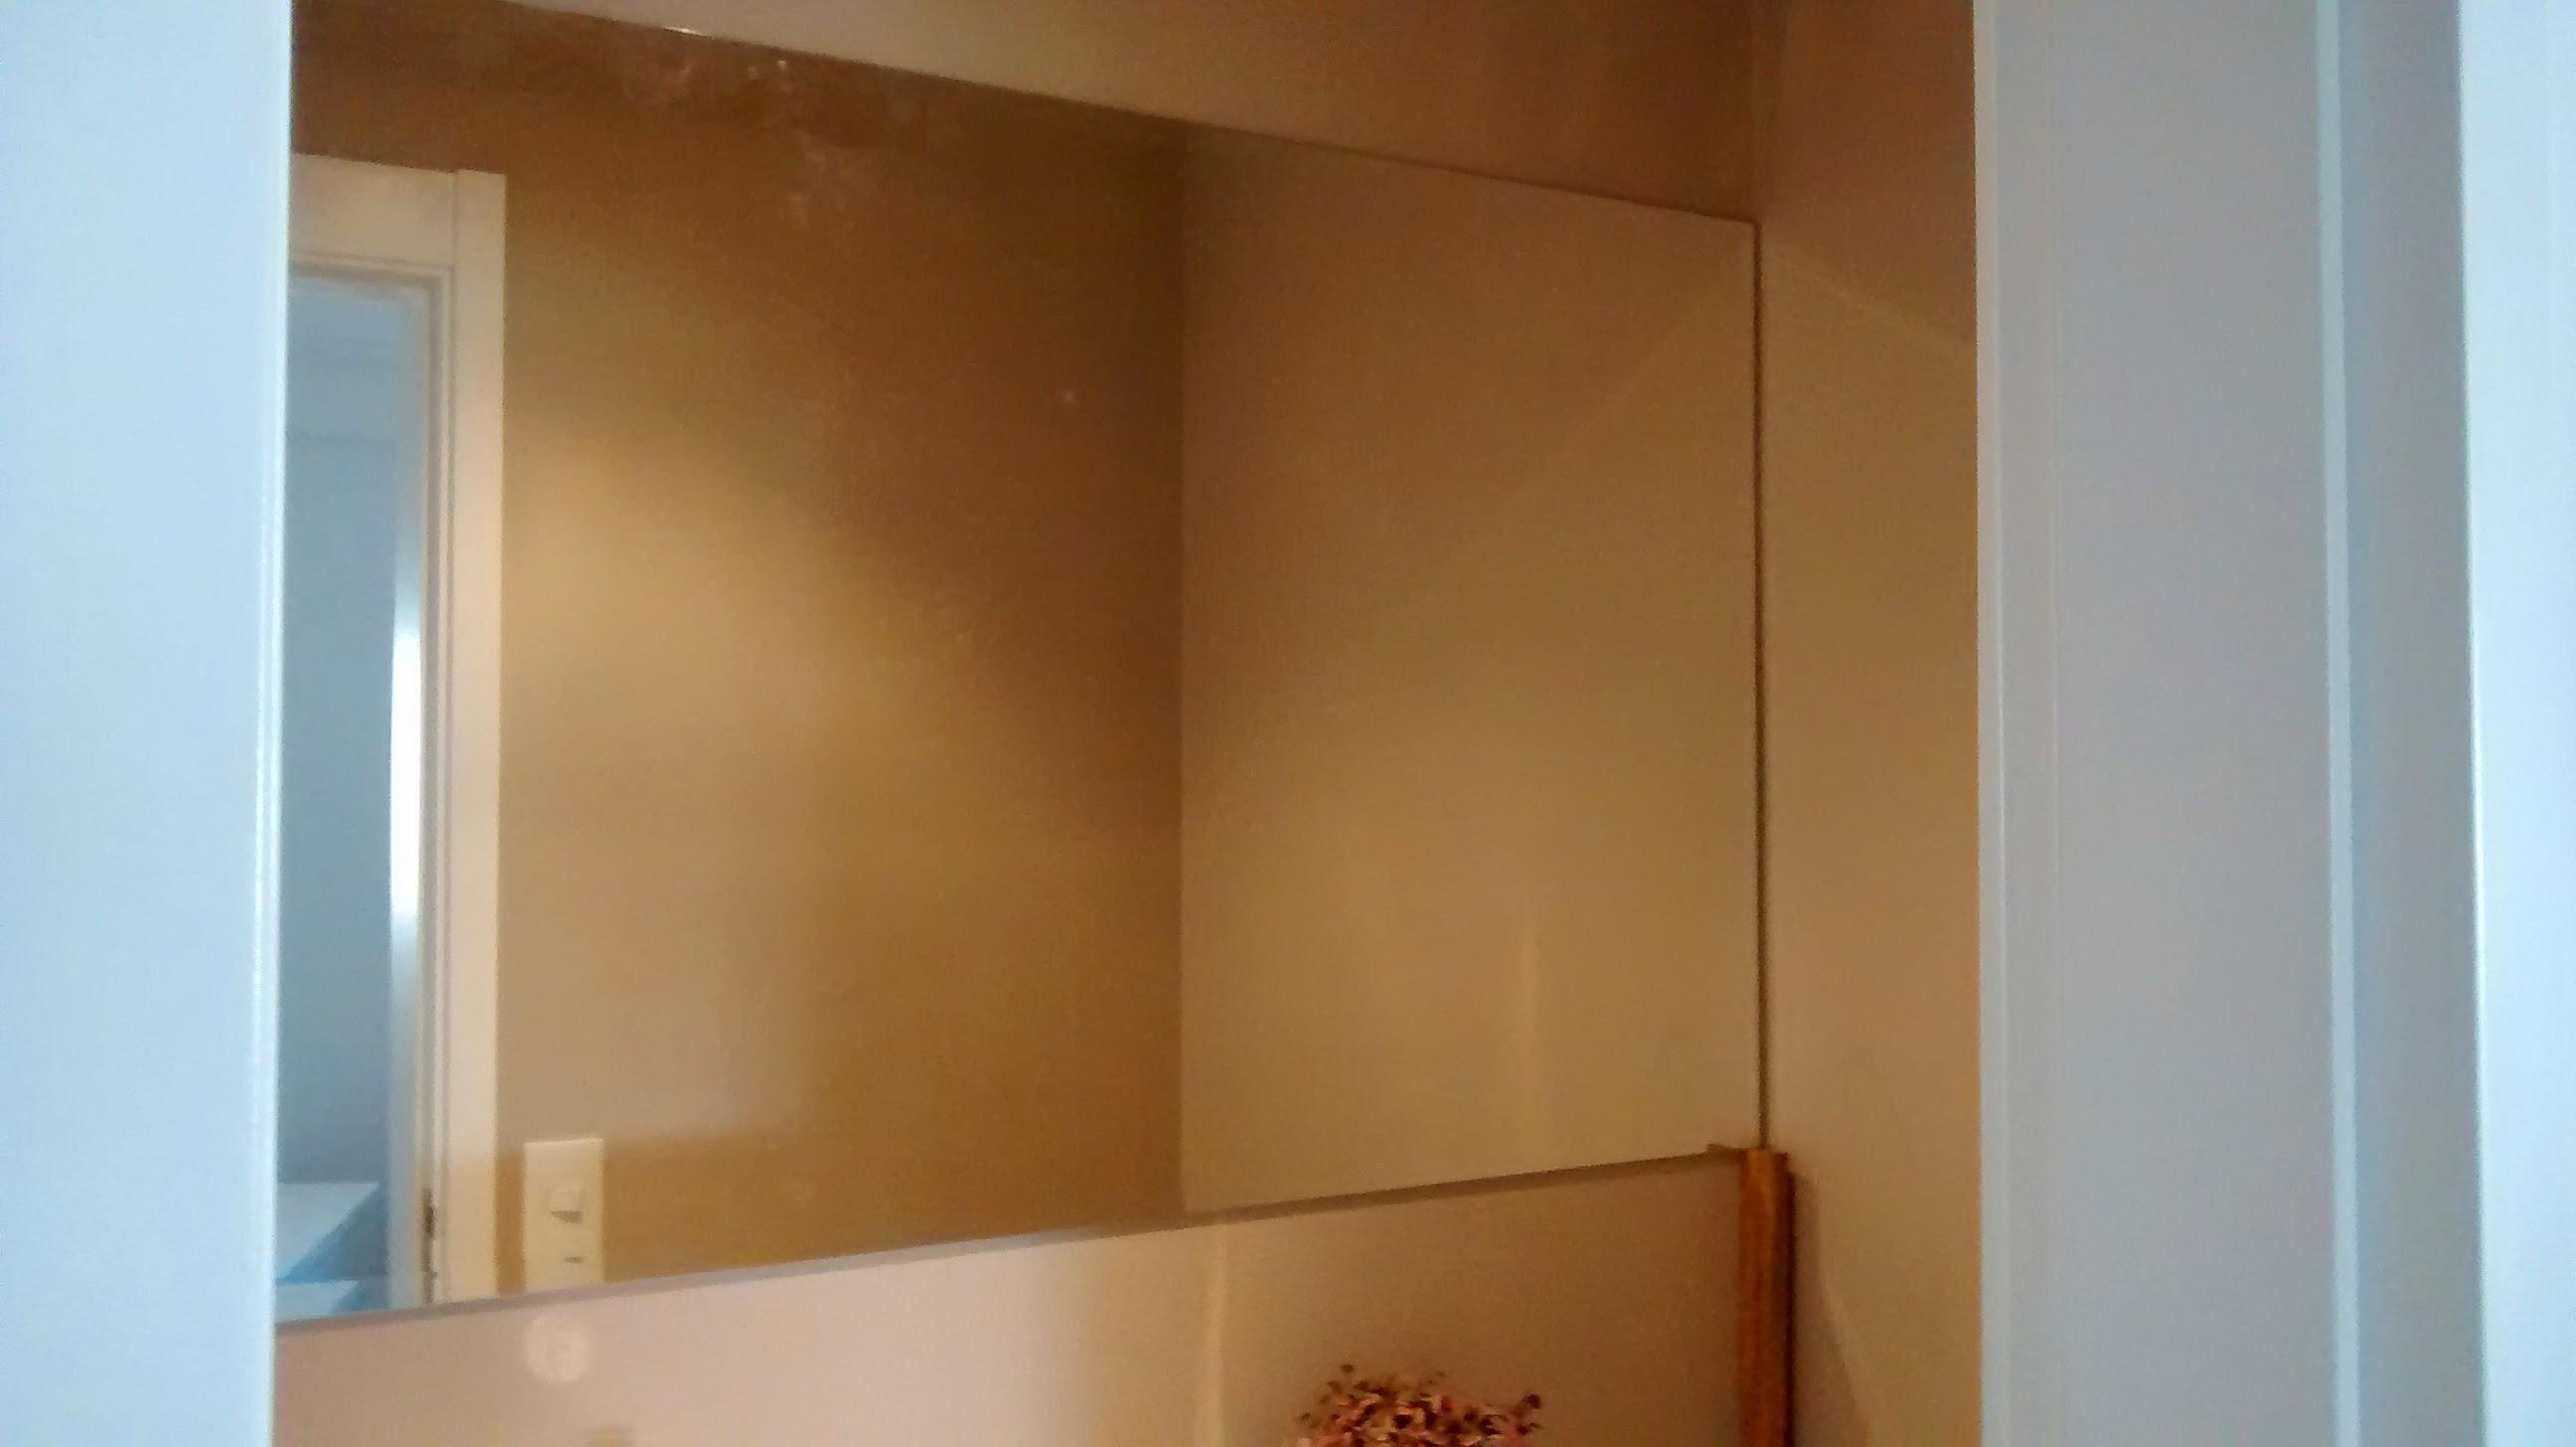 #4D2307 Shopping dos Vidros Box Portas Janelas Guarda Corpo Espelhos 1586 Vidros Janelas Vila Velha